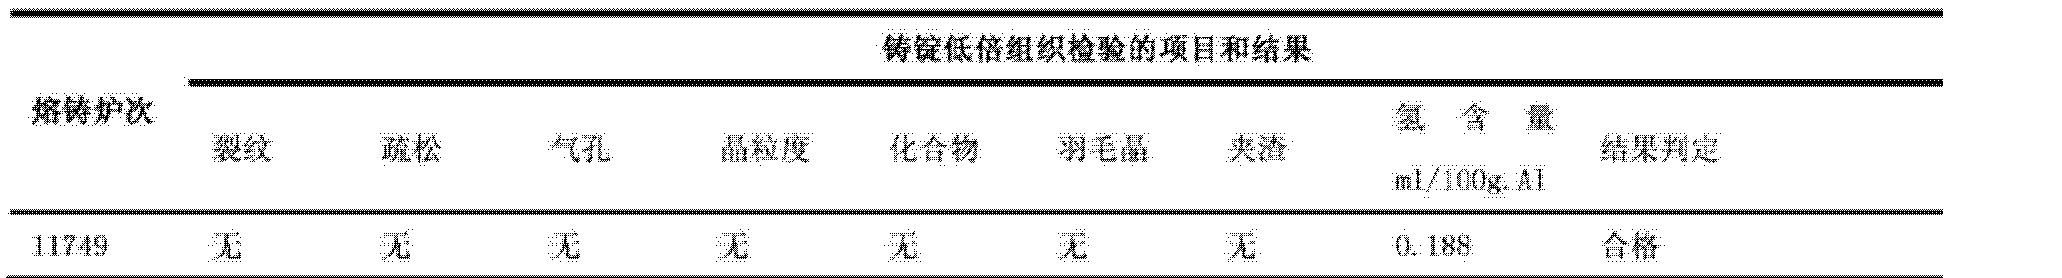 Figure CN102978488BD00082